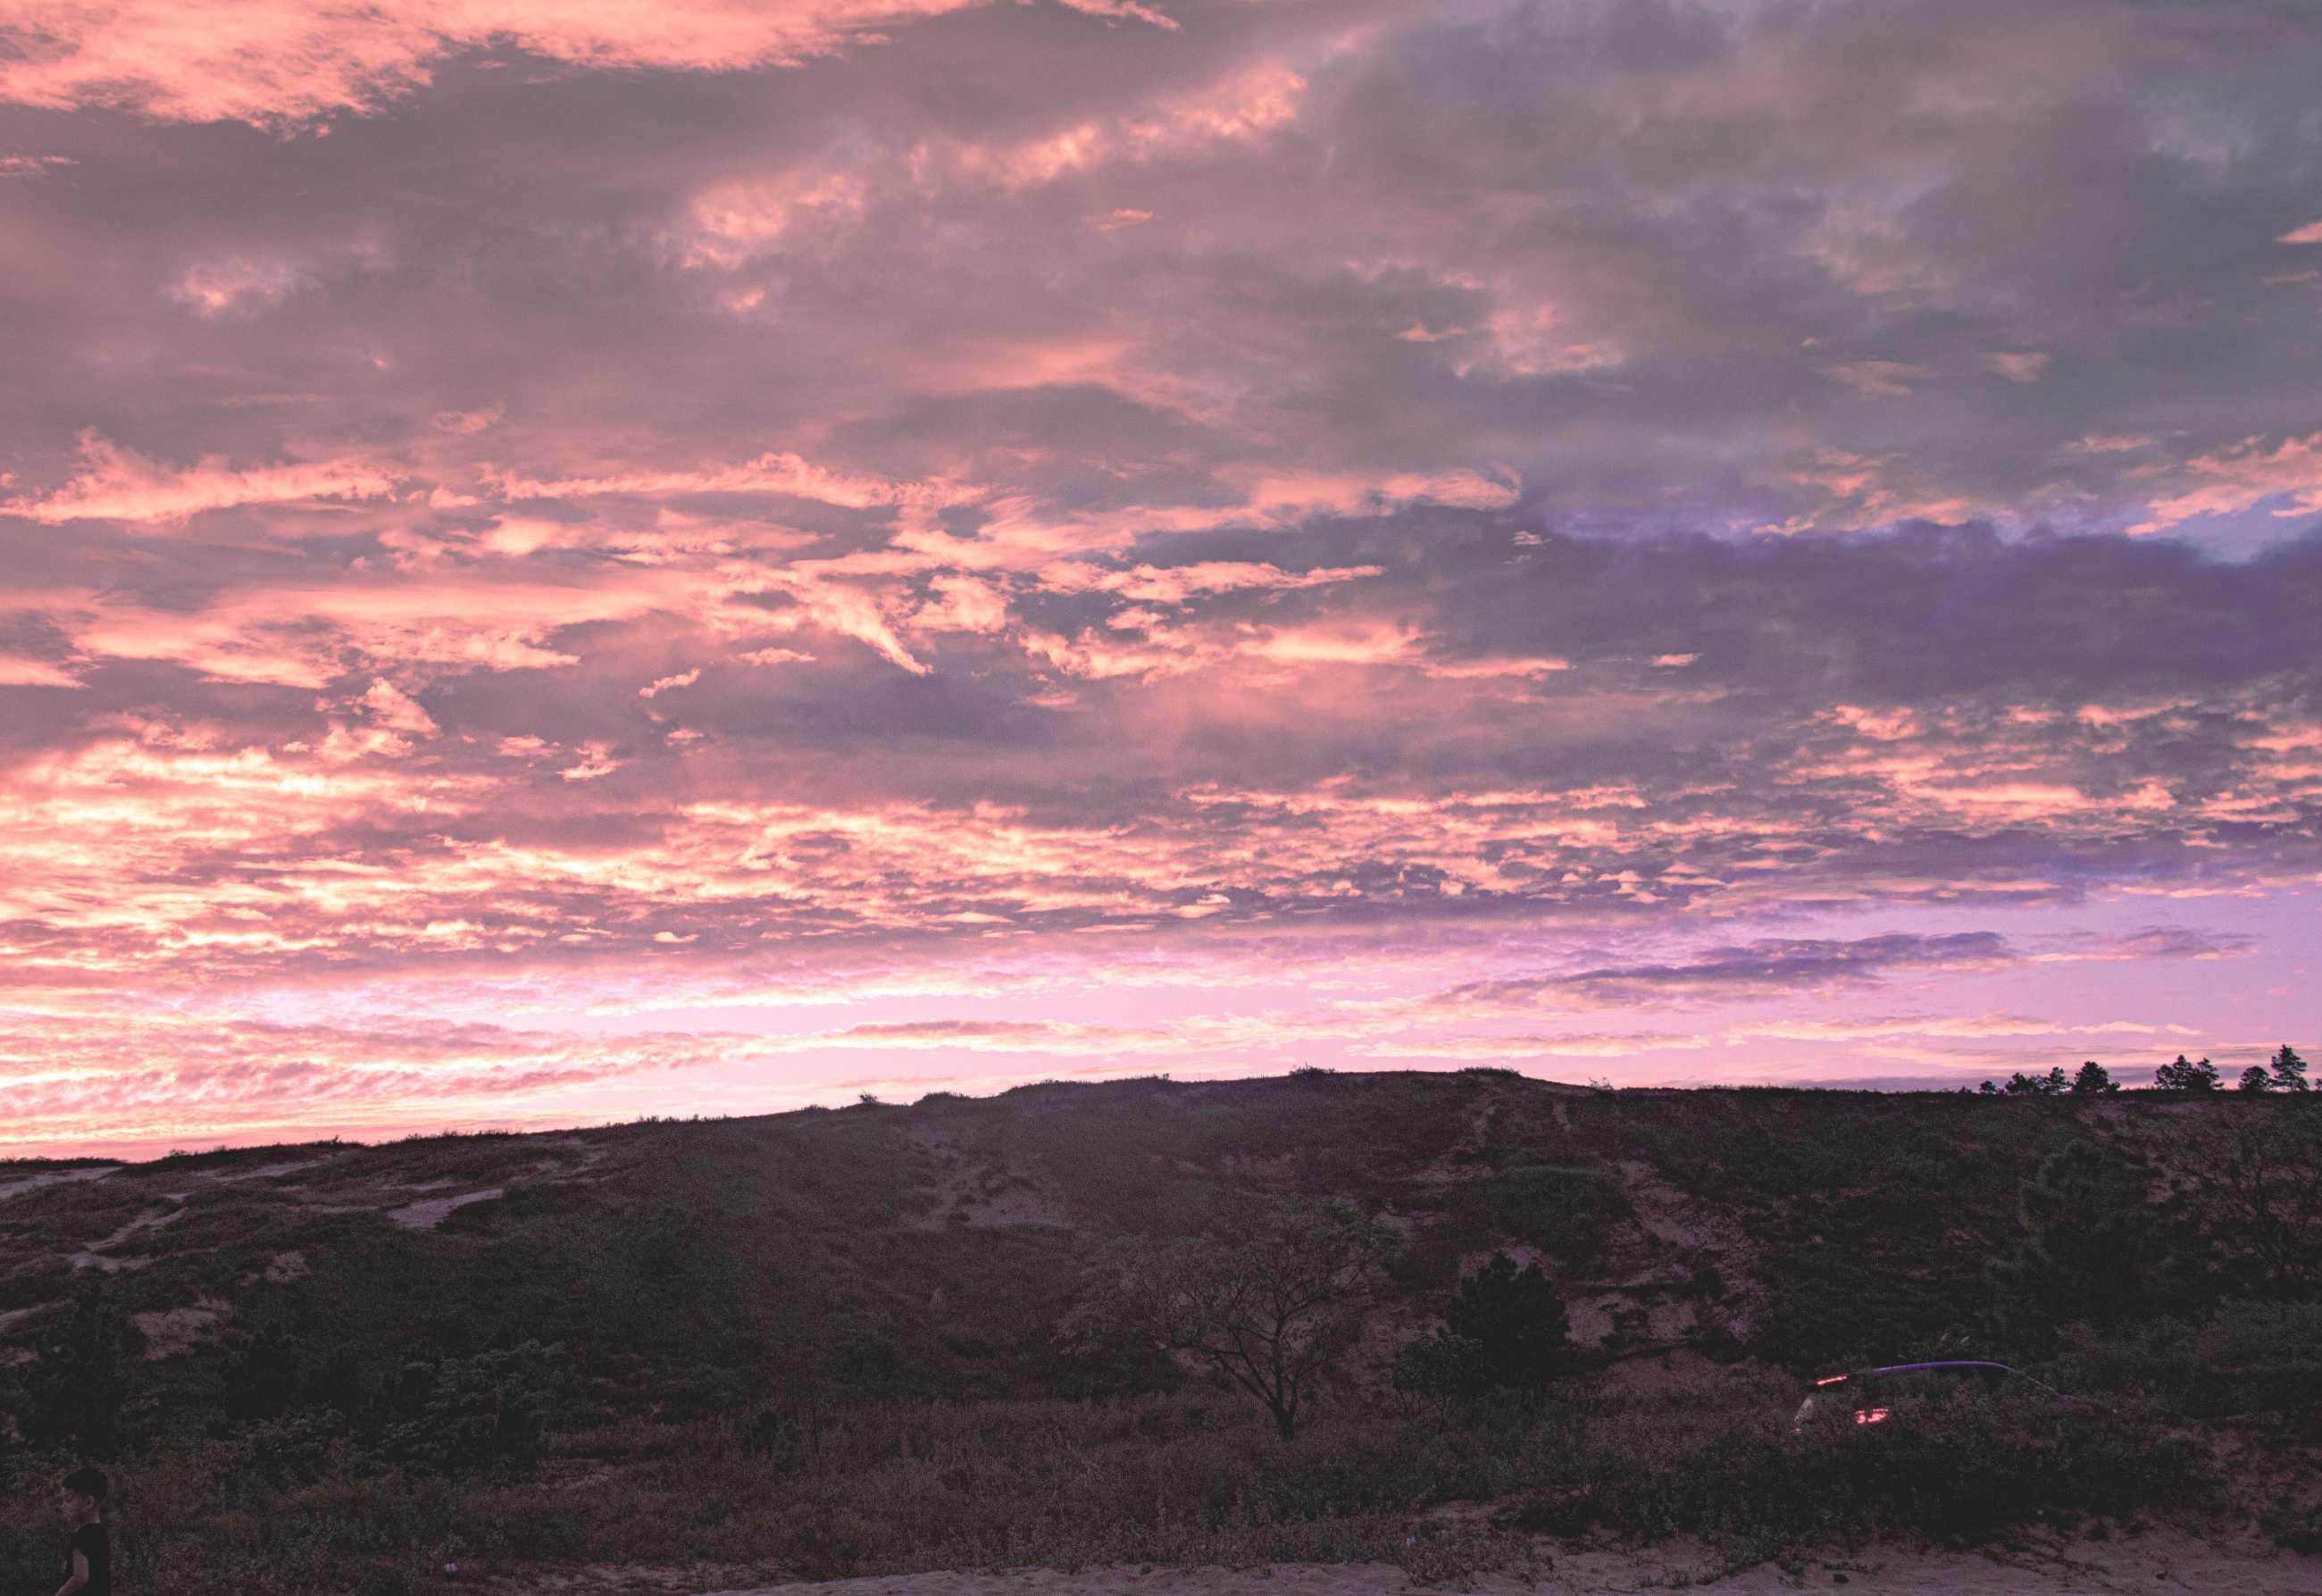 絕美畫面!粉色和金色的天空